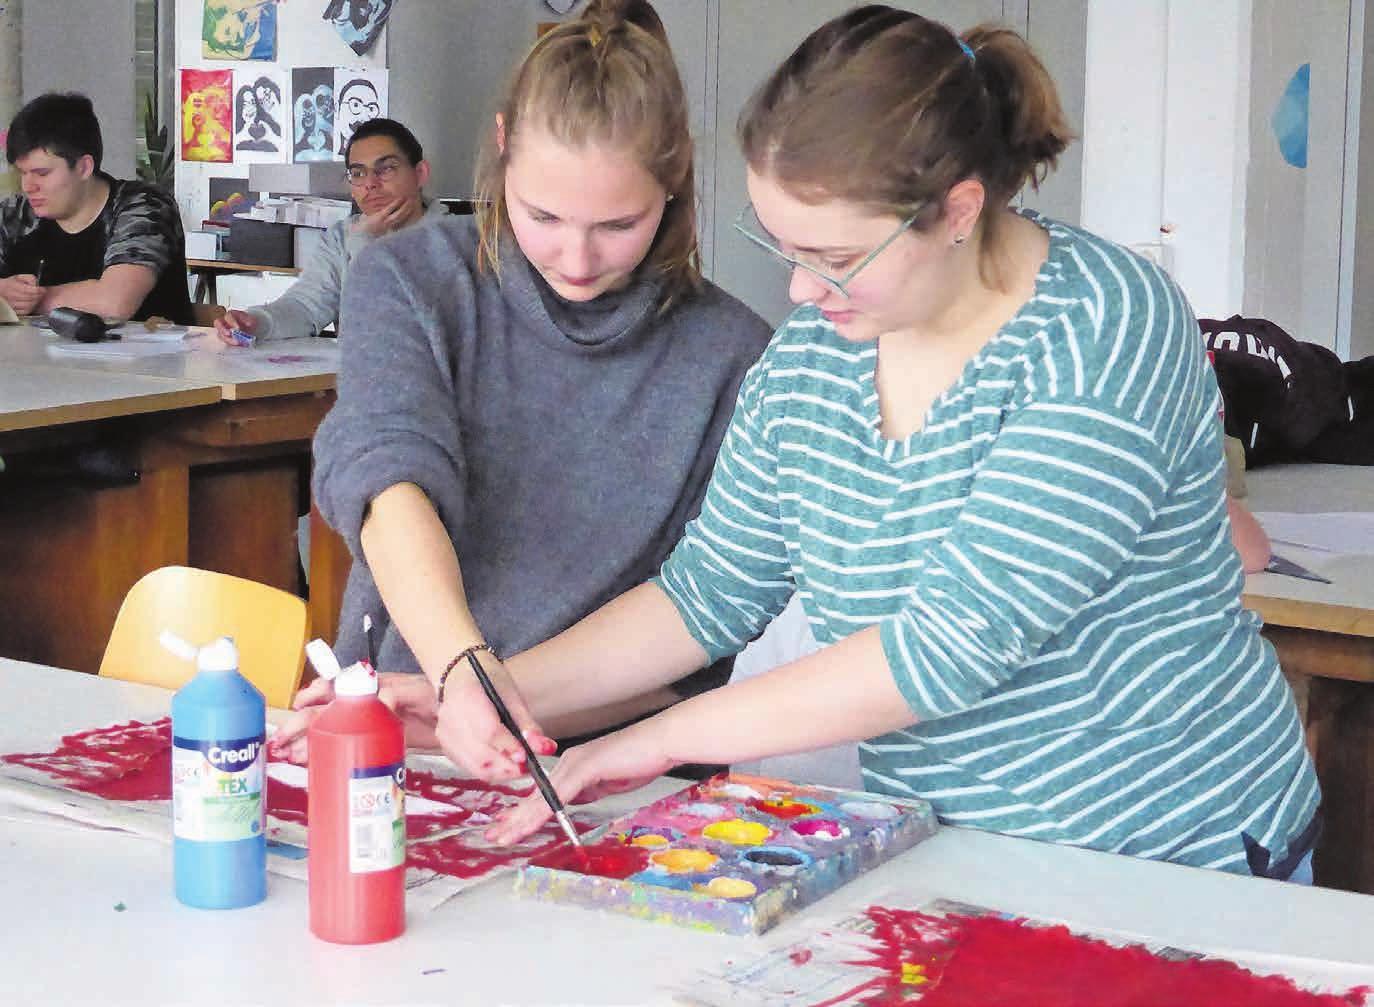 Schülerinnen und Schüler absolvieren in verschiedenen Berufen ein Ausbildungsjahr. Bilder: zvg